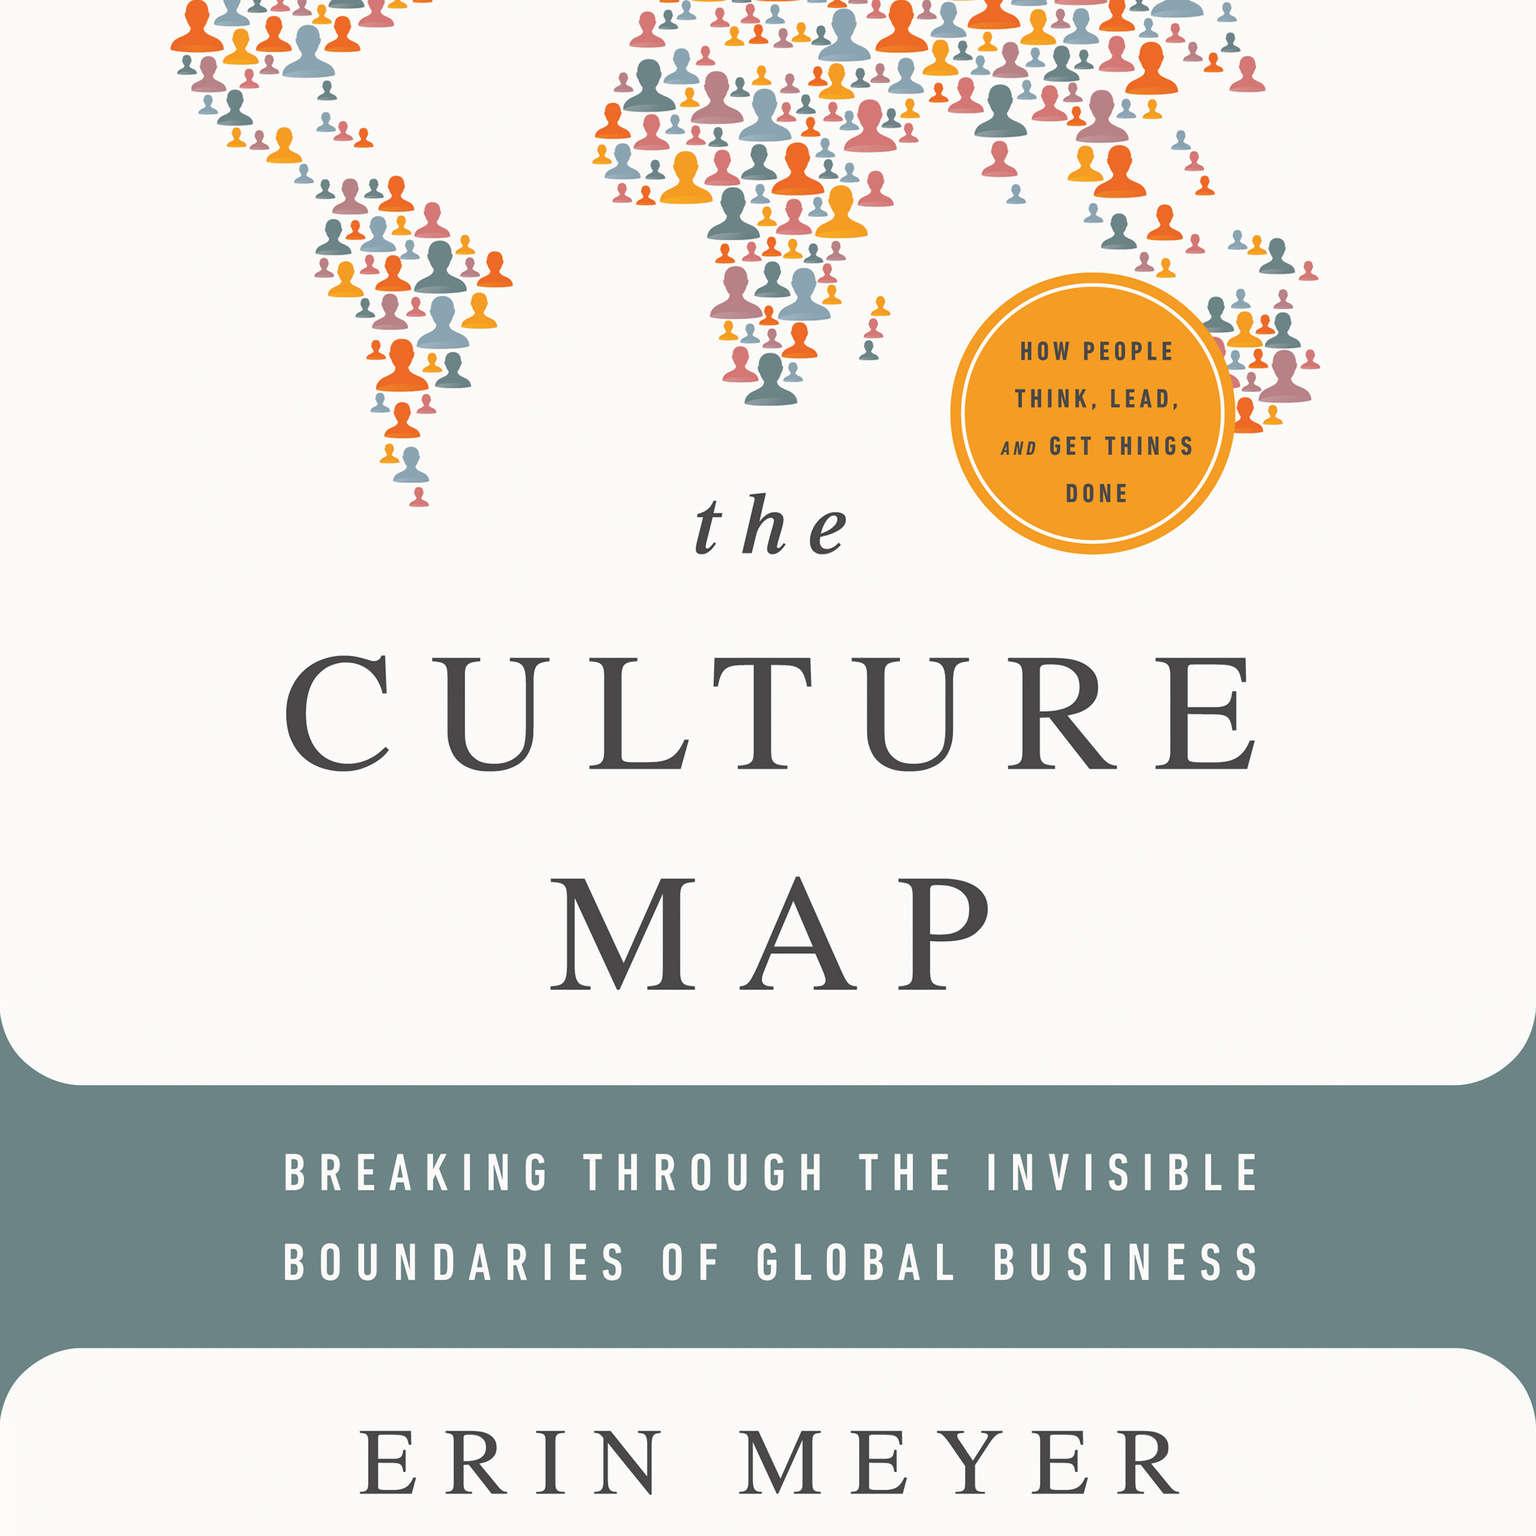 culture-map-book-cover